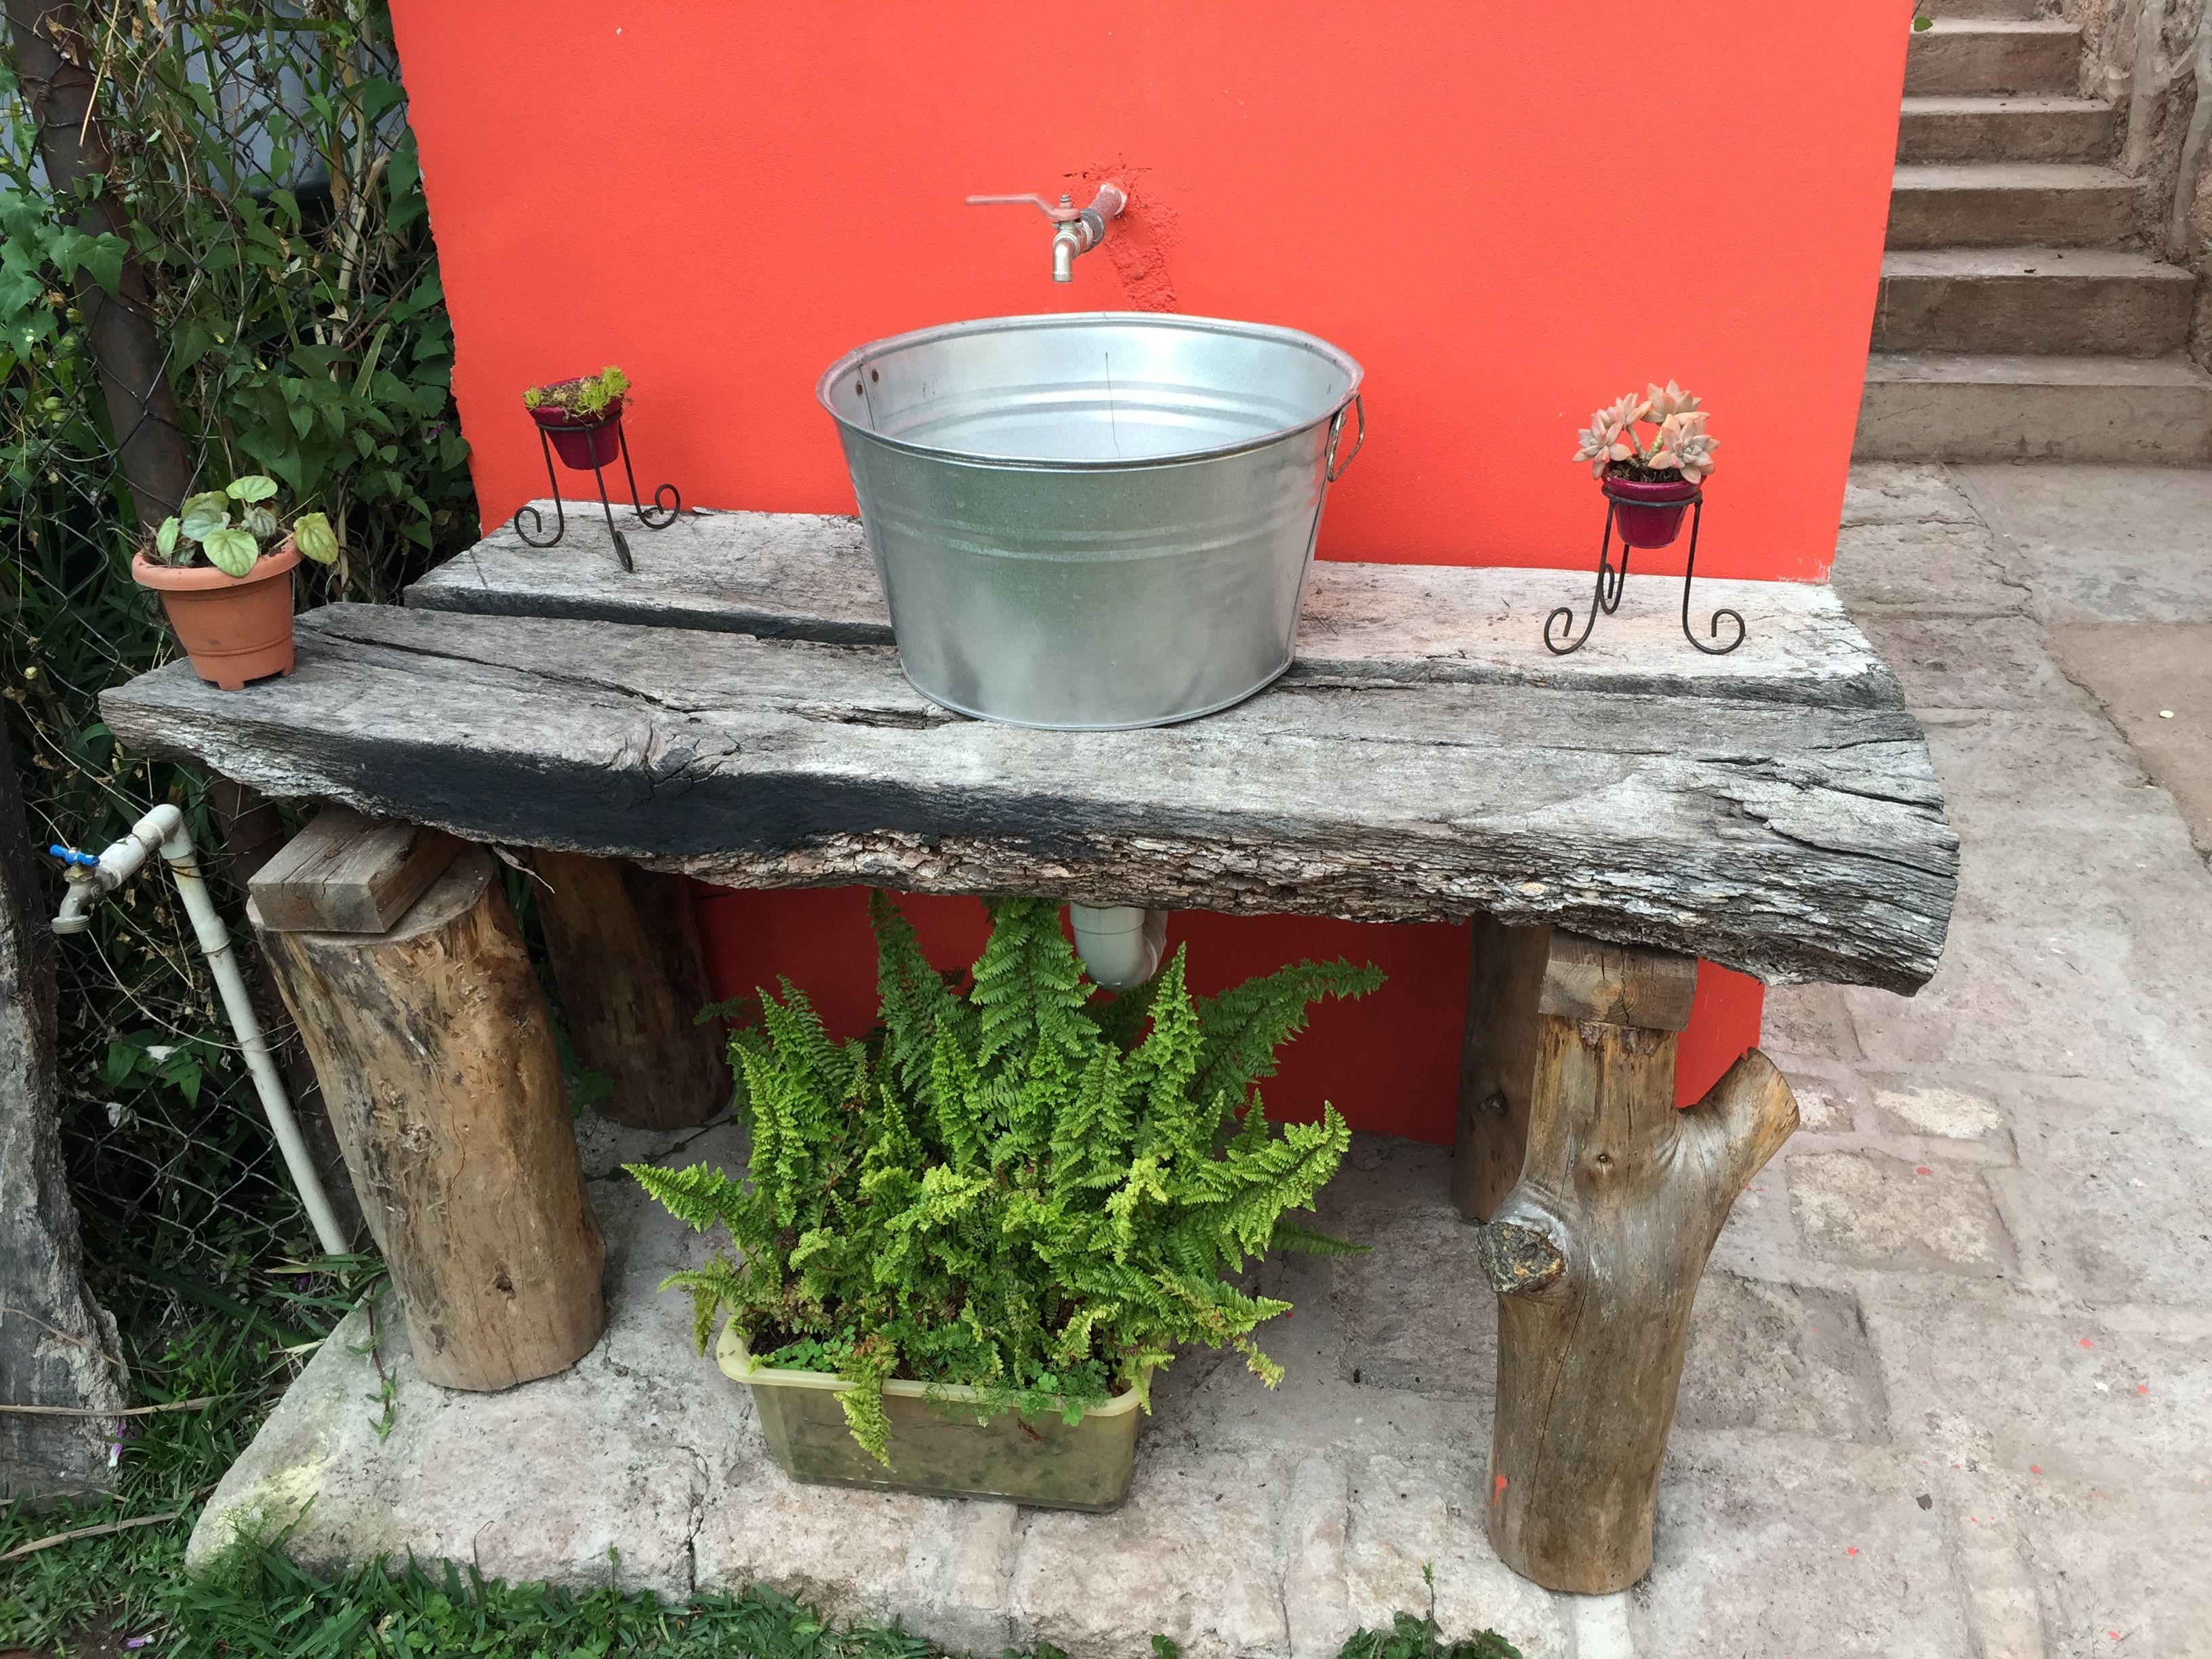 Lavamanos r stico para un ambiente natural for Lavamanos rusticos de madera